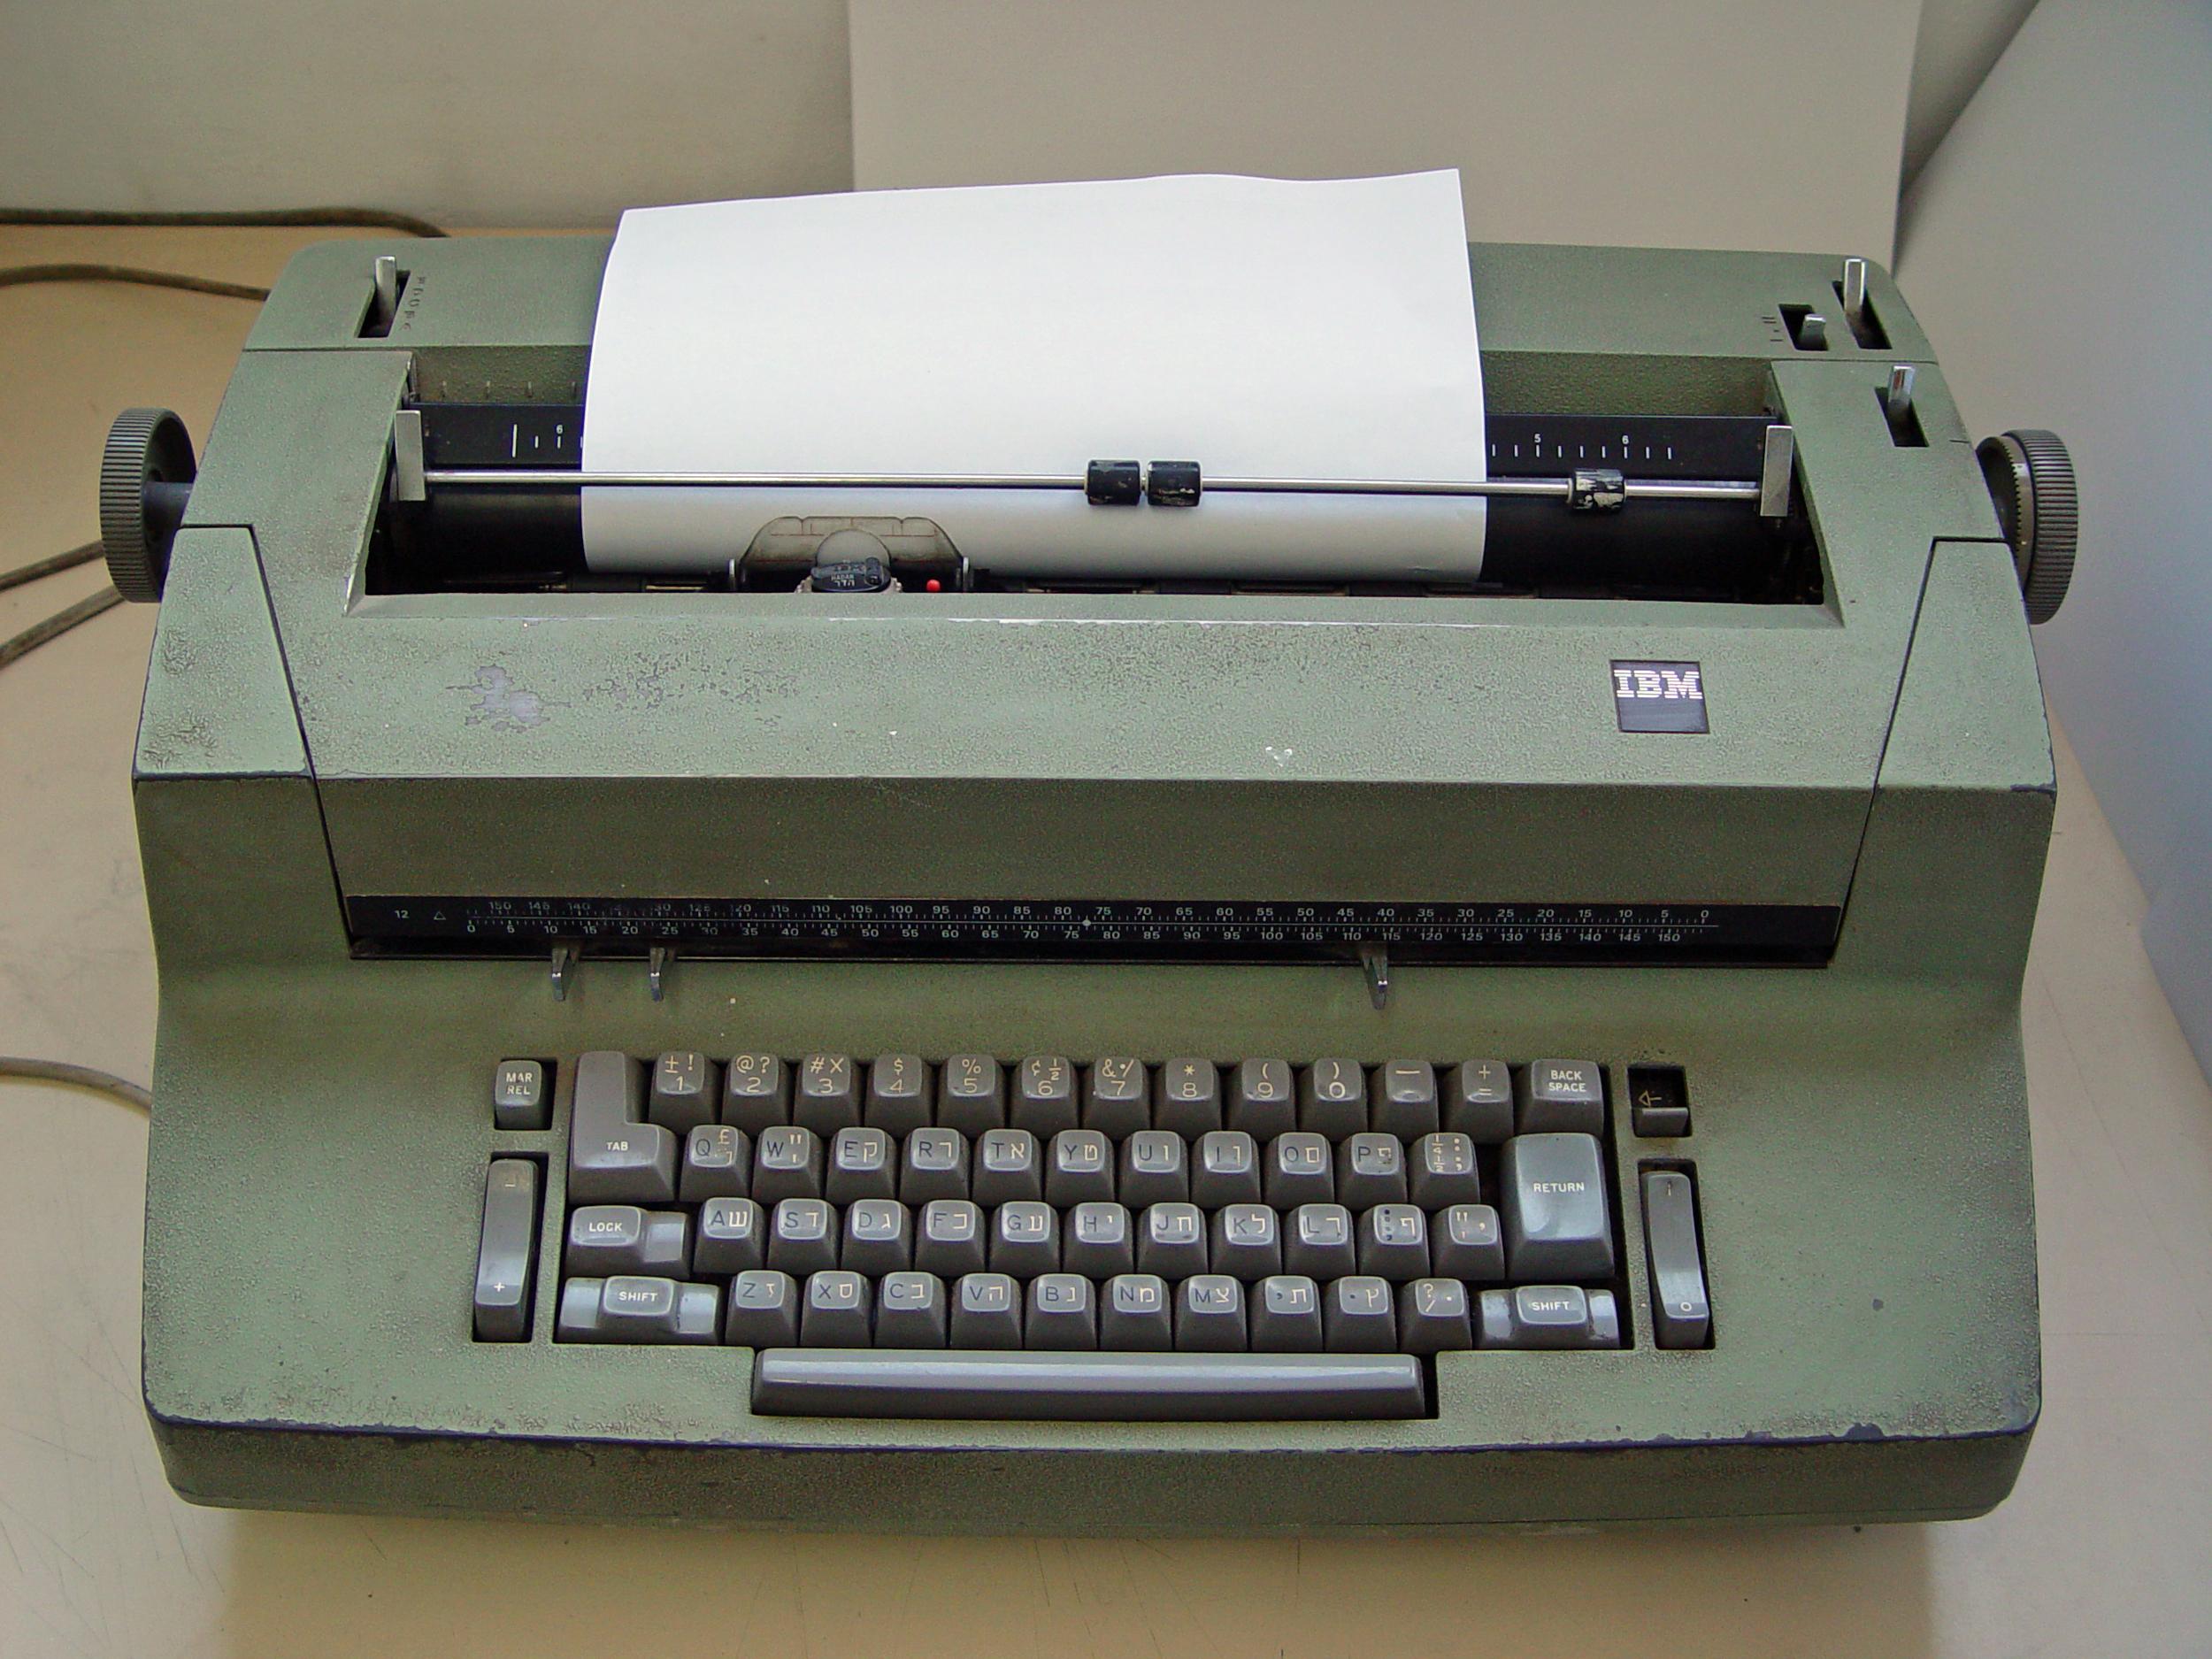 """Image: """"Selectric II"""" by Etan J. Tal - Own work. Licensed under Creative Commons Attribution 3.0 via Wikimedia Commons - http://commons.wikimedia.org/wiki/File:Selectric_II.jpg#mediaviewer/File:Selectric_II.jpg"""